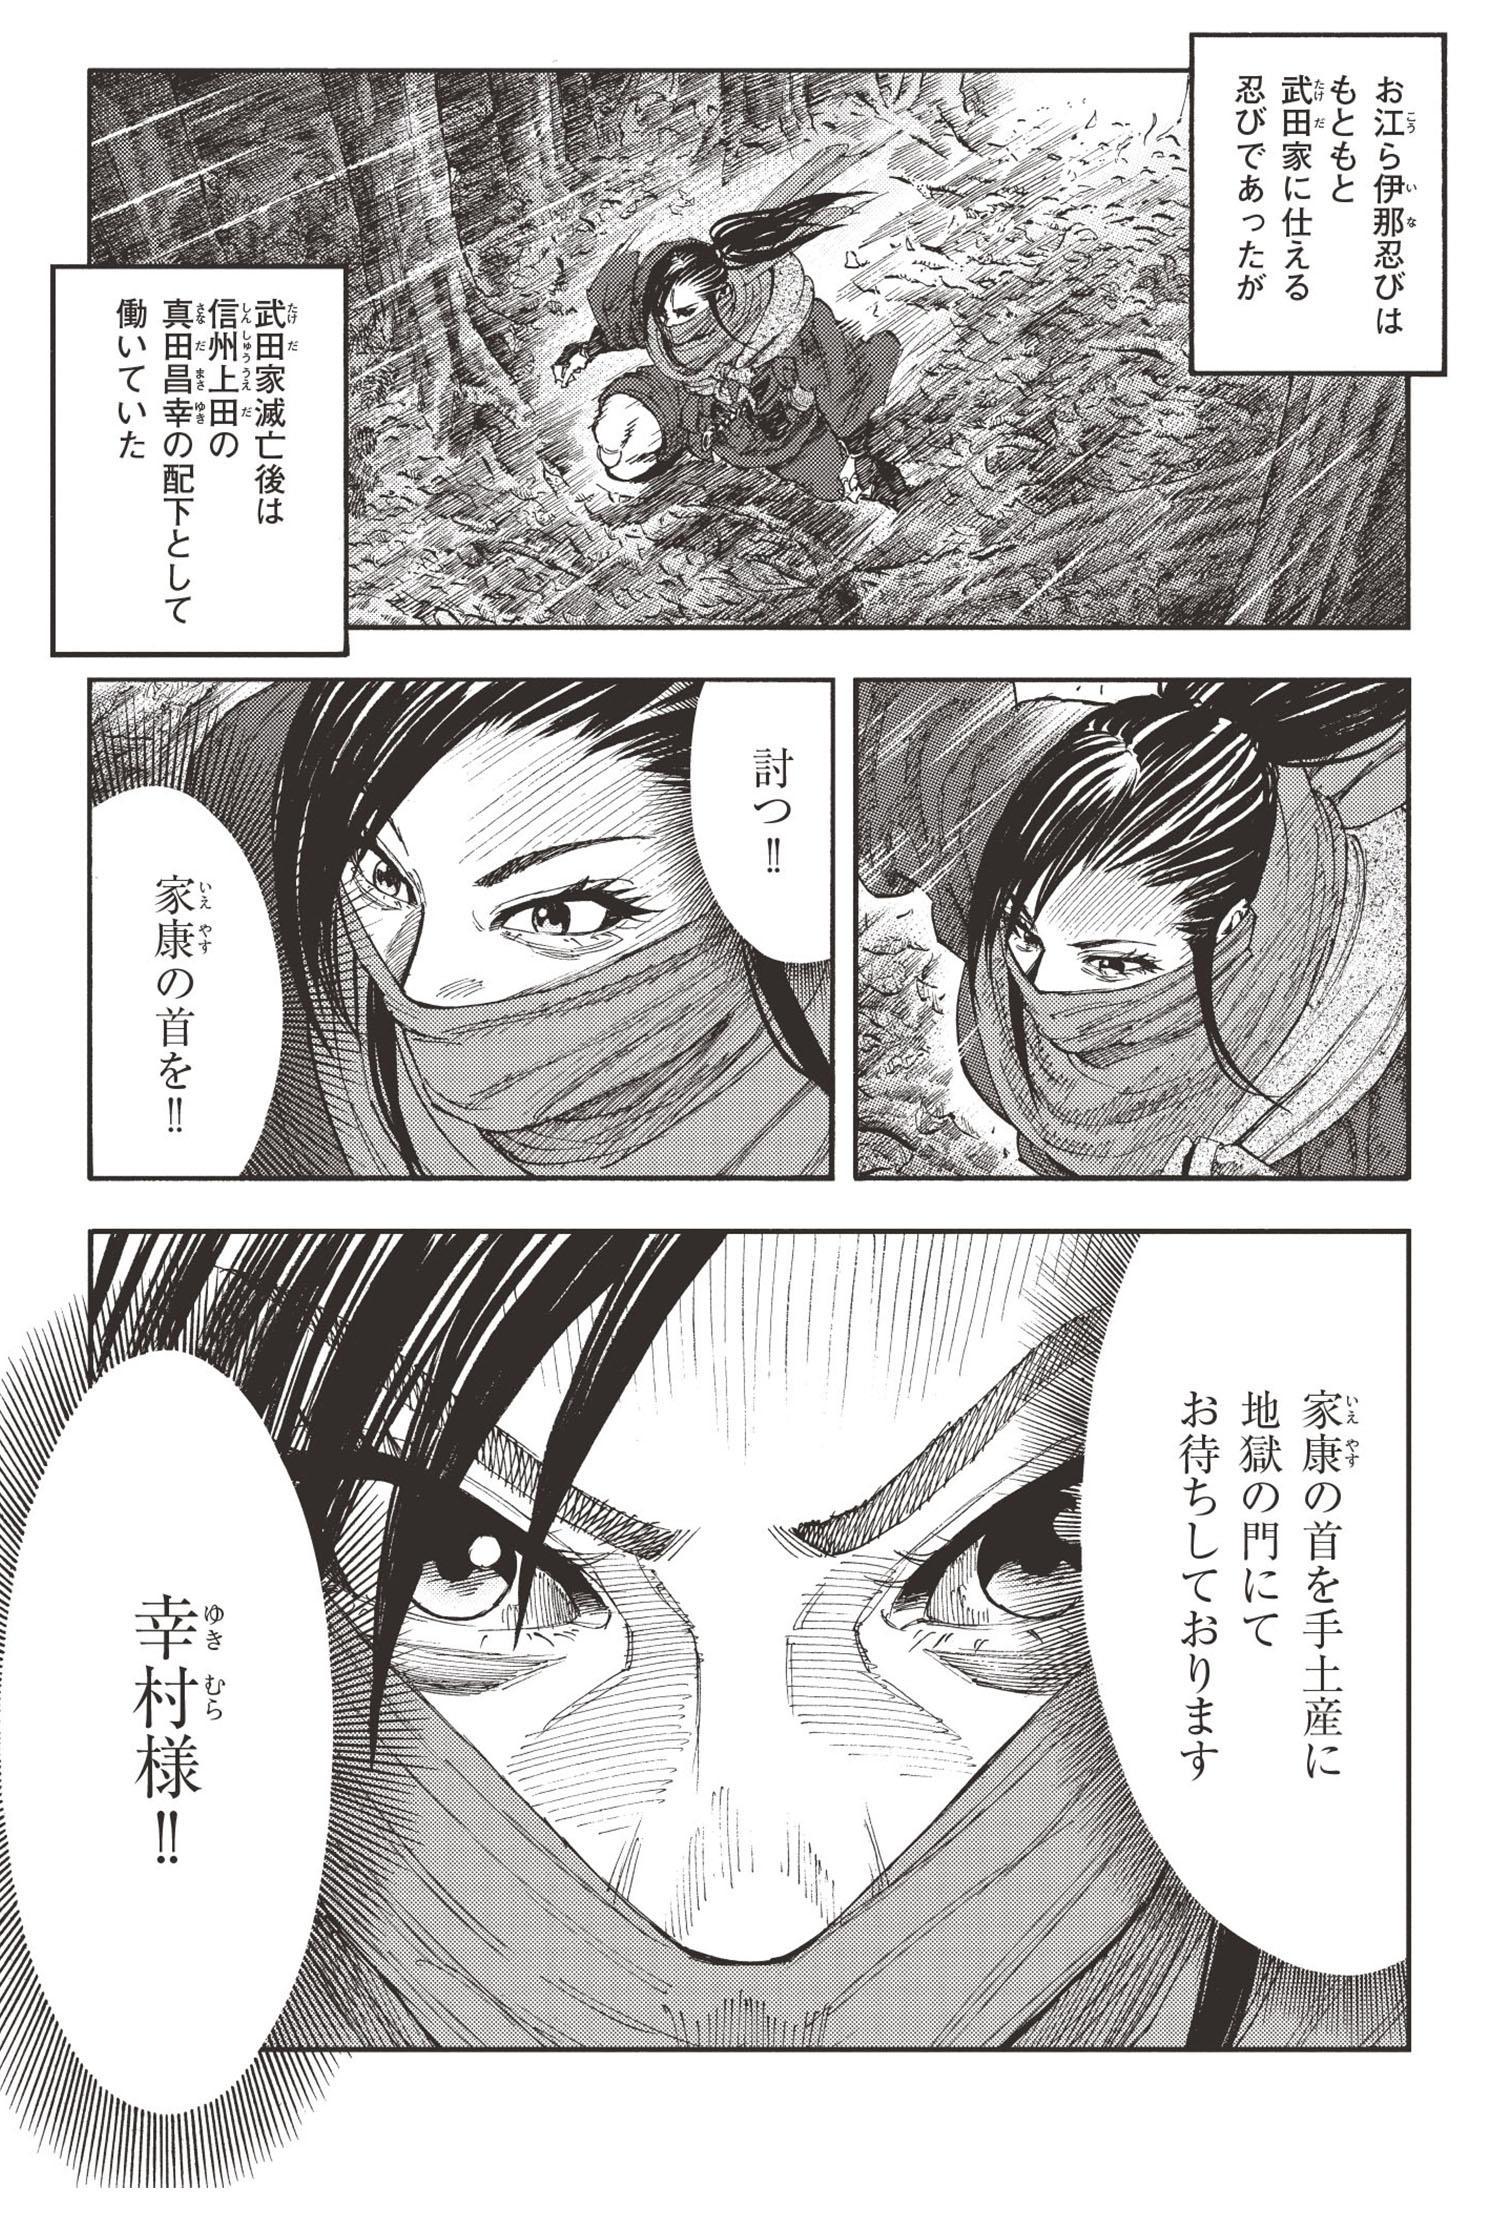 真田太平記 第0話「日本一の兵」①sanada01_015.jpg